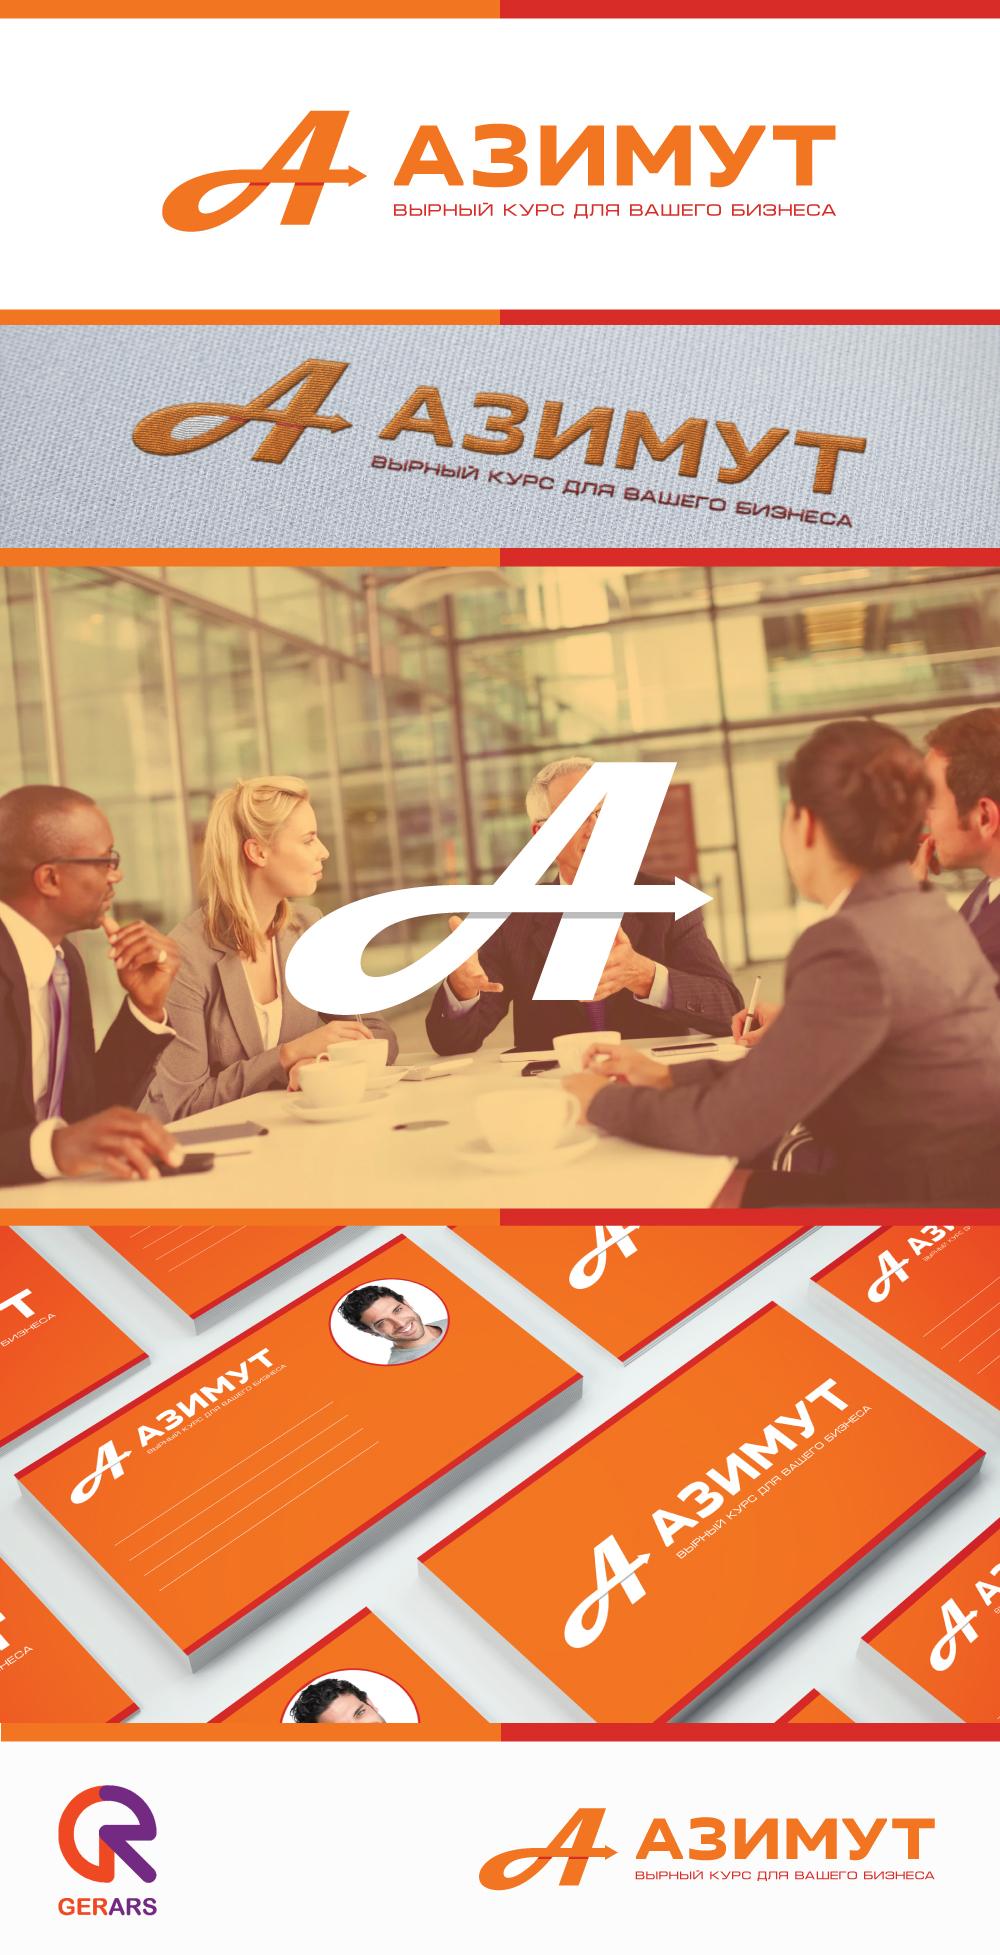 Нейминг и логотип компании, занимающейся аутсорсингом фото f_40259d8f2faa3e11.jpg